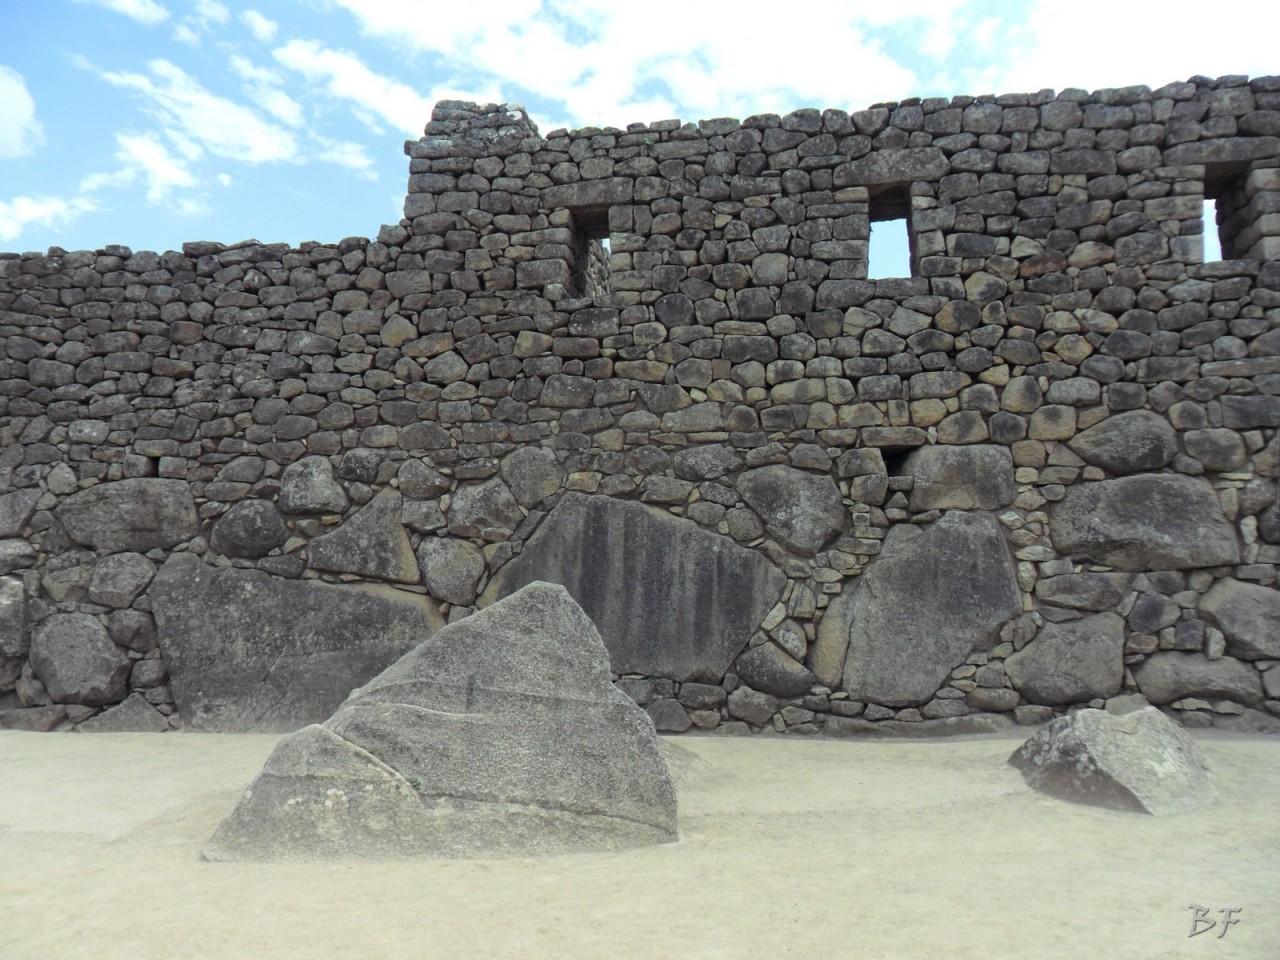 Mura-Poligonali-Incisioni-Altari-Edifici-Rupestri-Megaliti-Machu-Picchu-Aguas-Calientes-Urubamba-Cusco-Perù-132